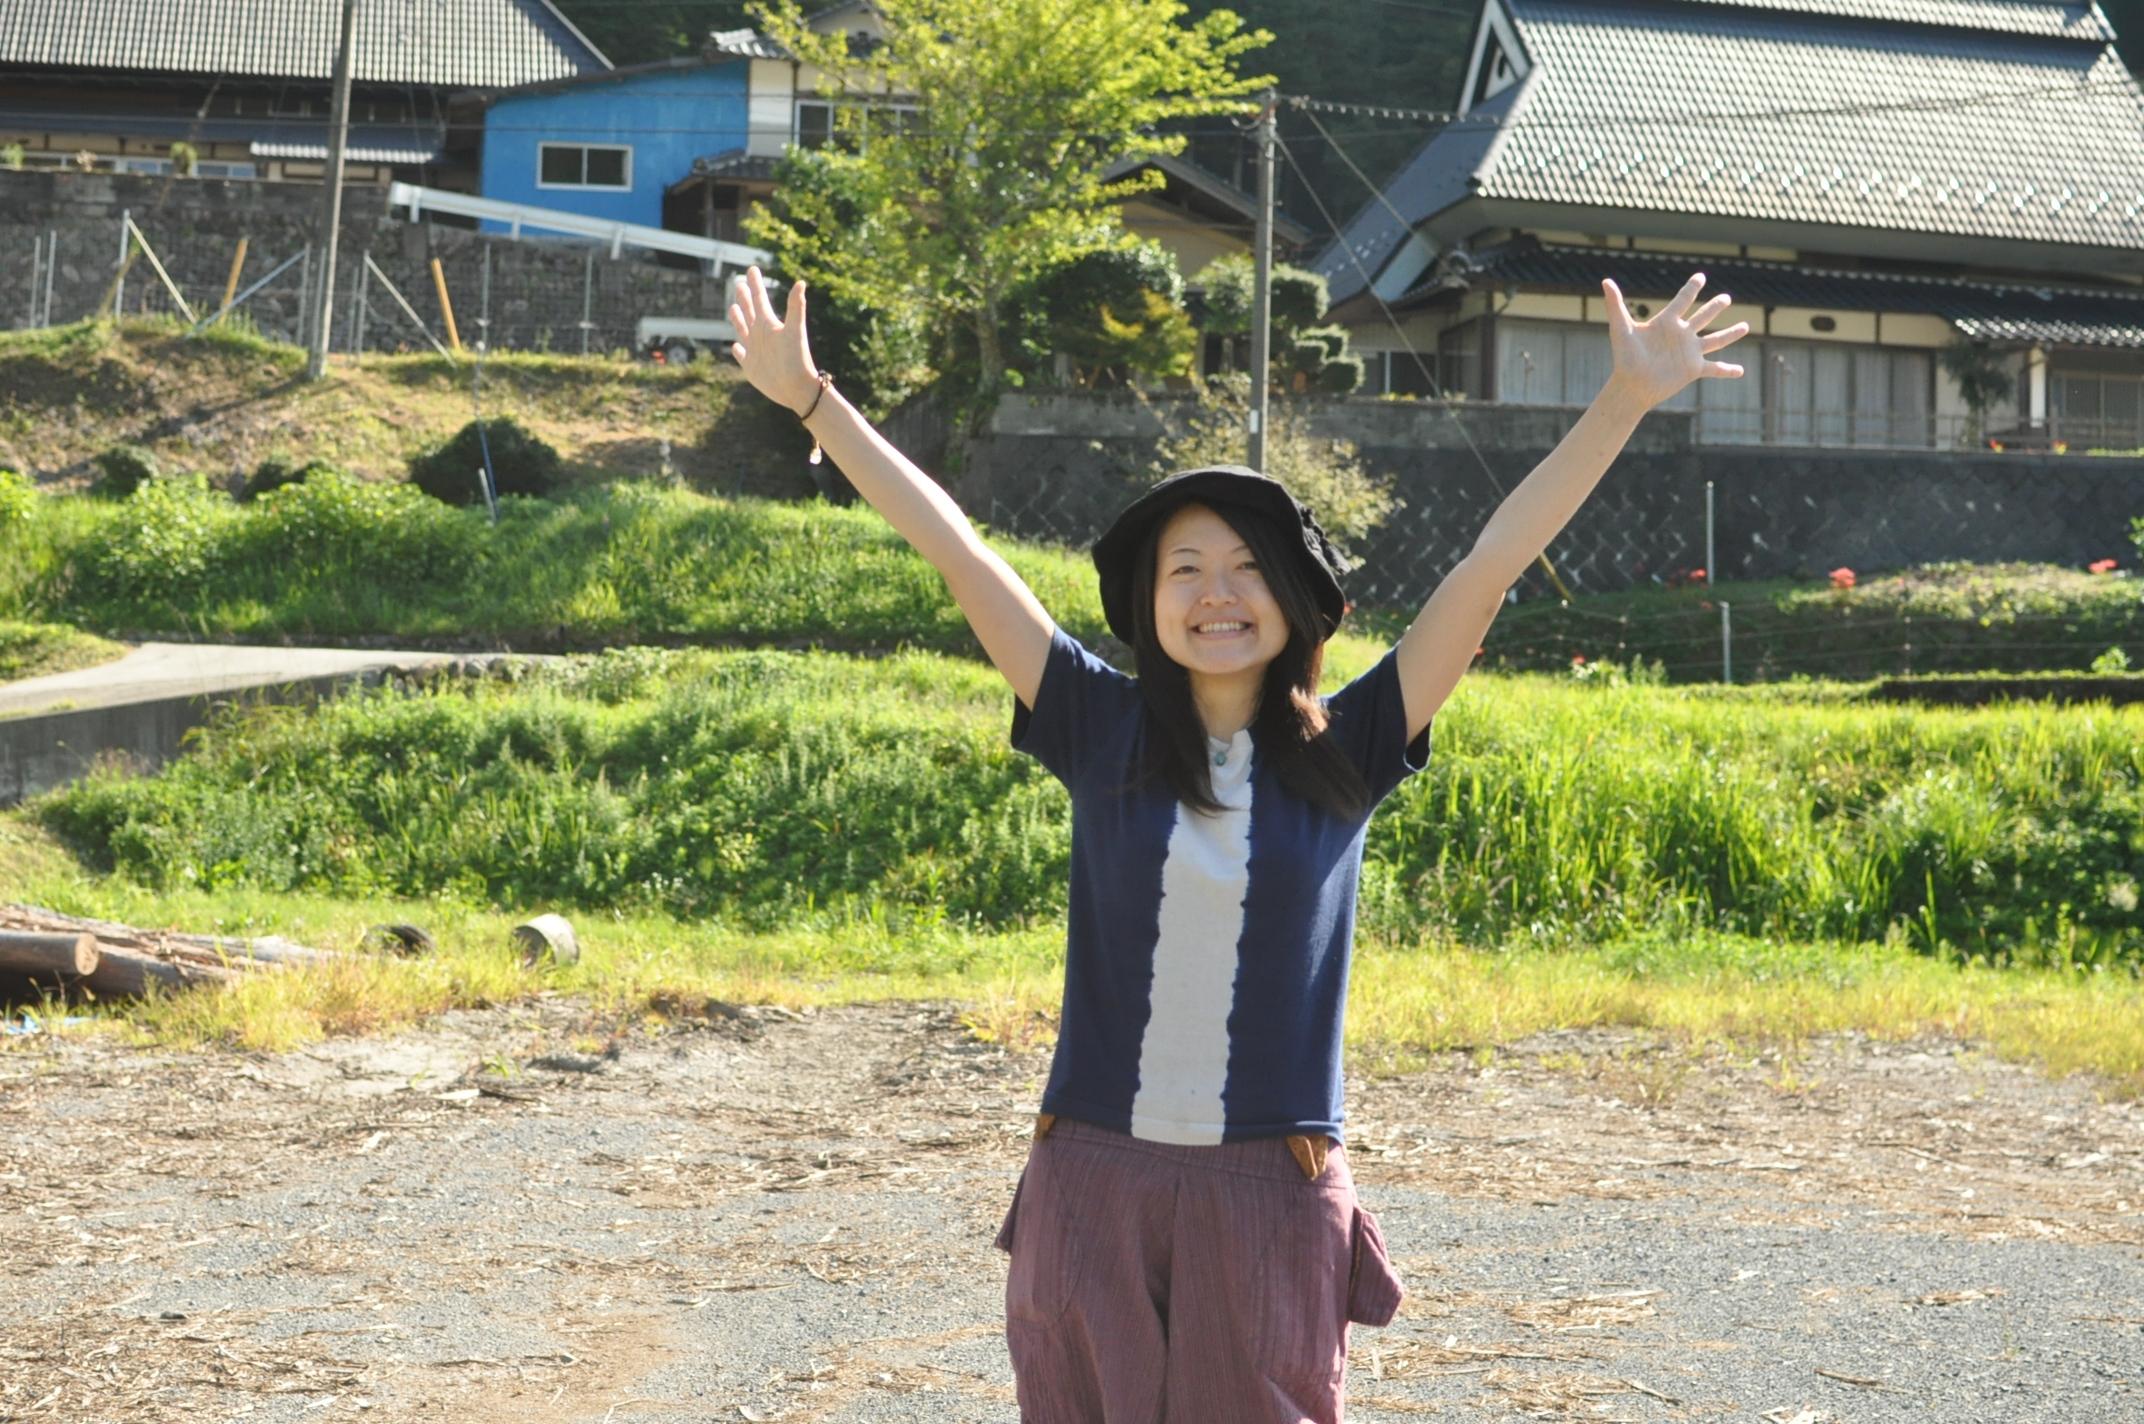 田舎暮らし|移住者のリアルボイス|川野茜ポートレート